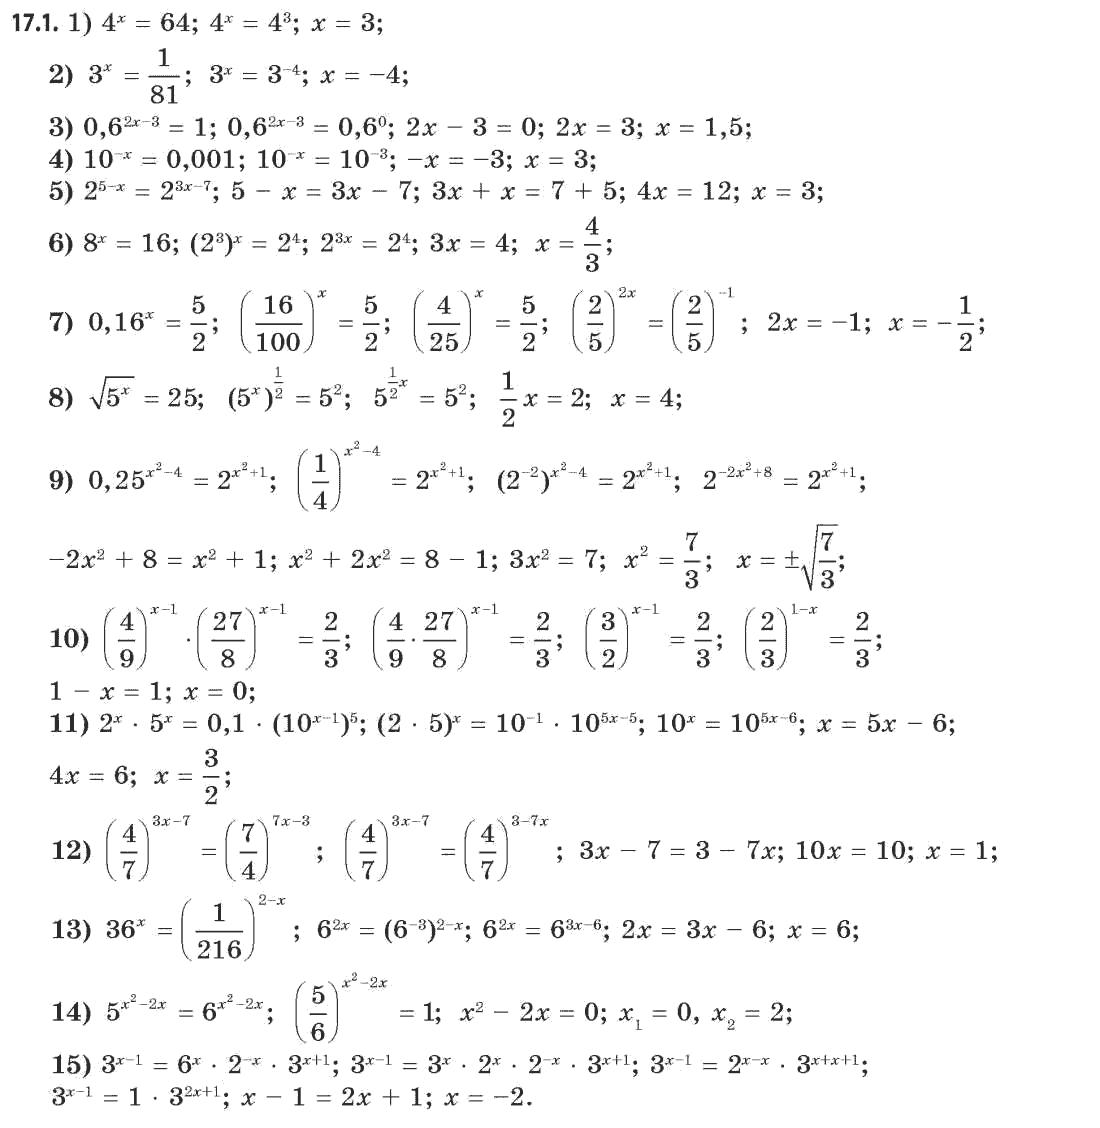 кл по 11 i алгебре решебник